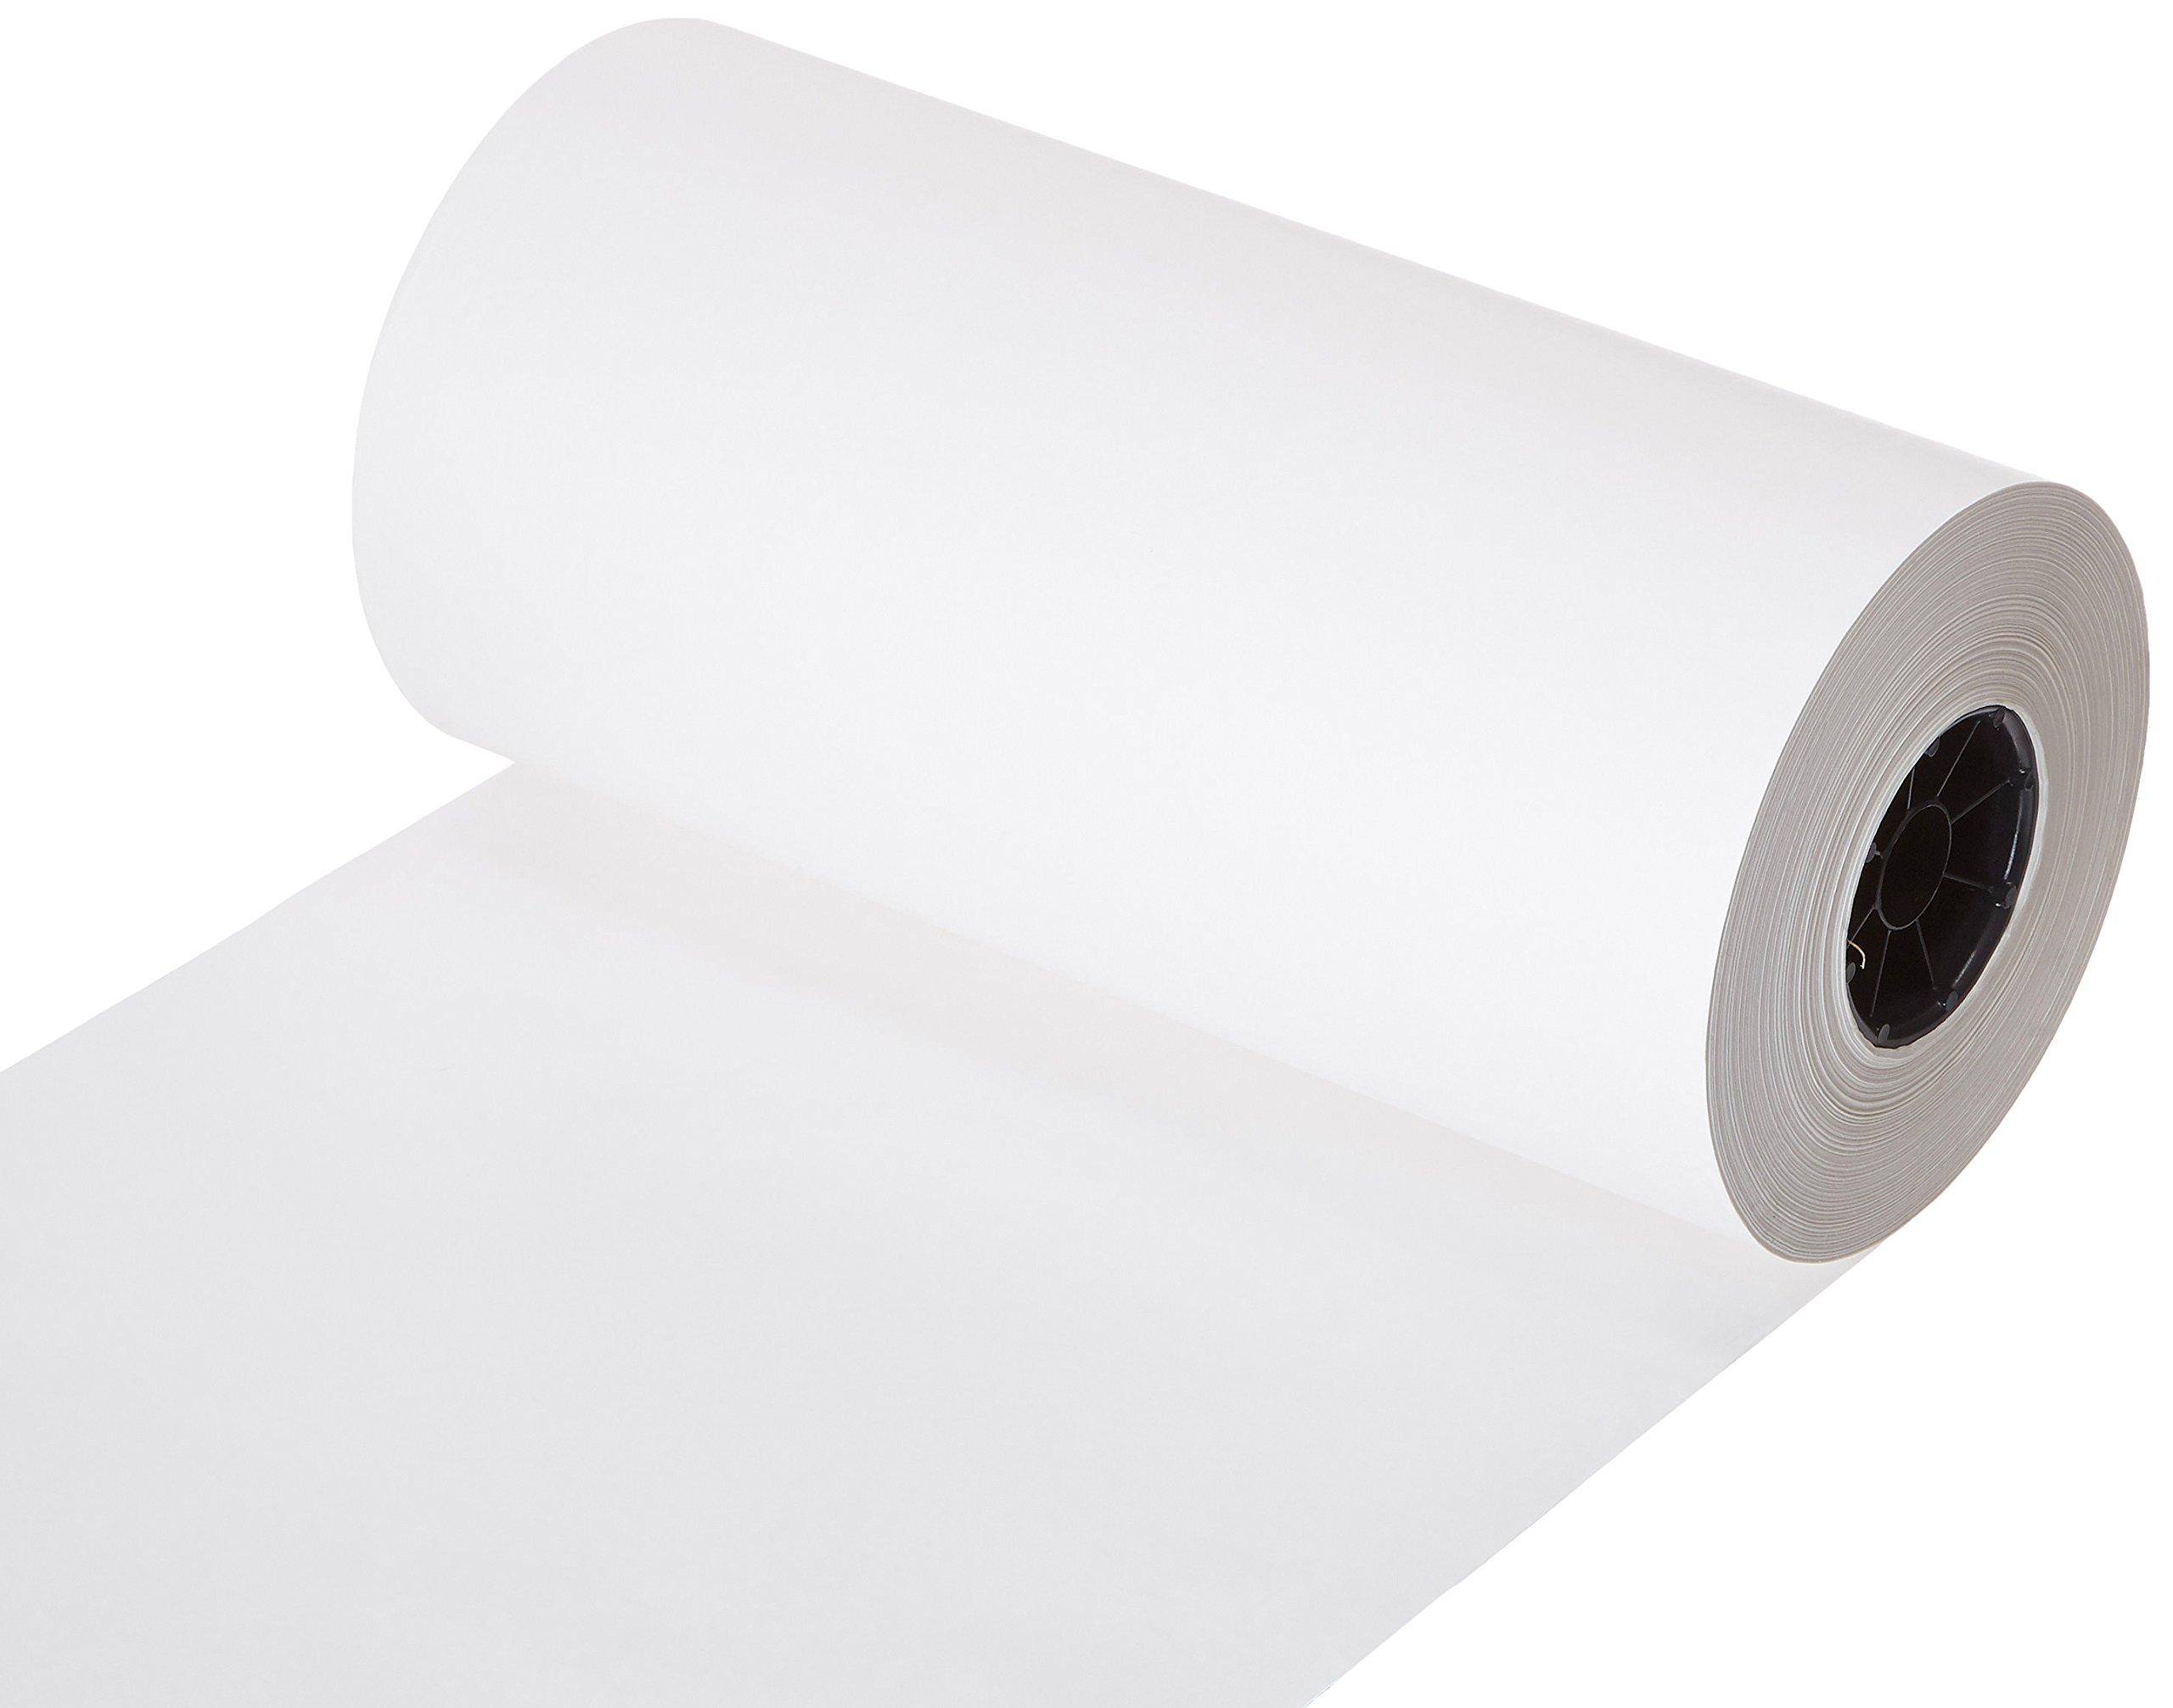 Boardwalk BUTCH1540900 900' Length x 15'' Width, White Butcher Paper Roll